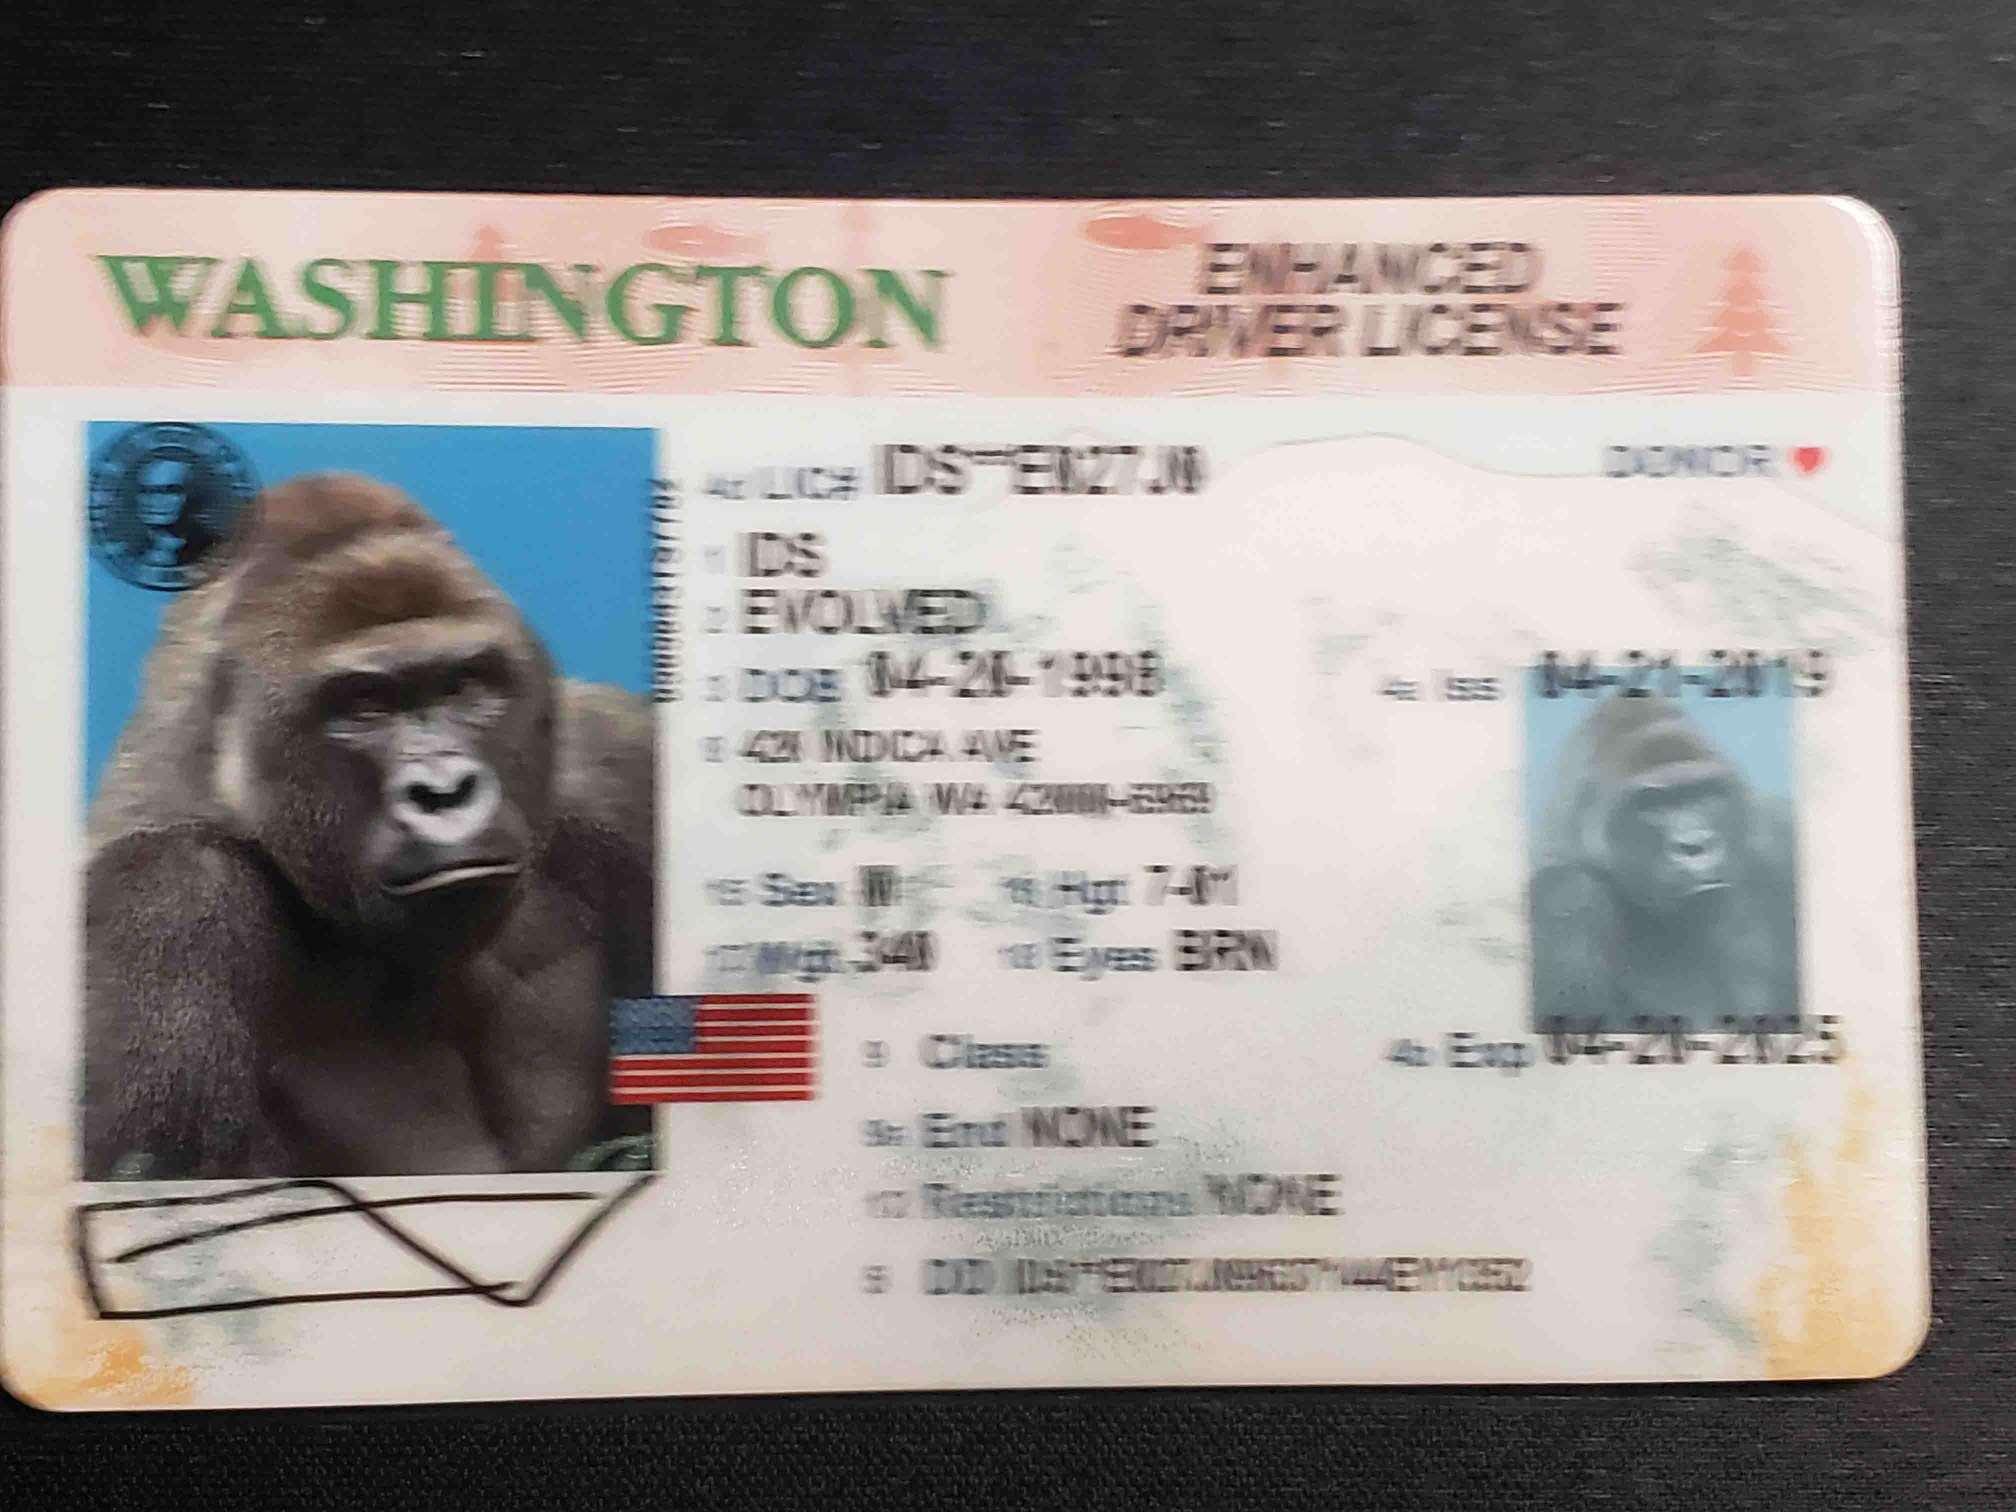 Washington EDL Fake ID Front